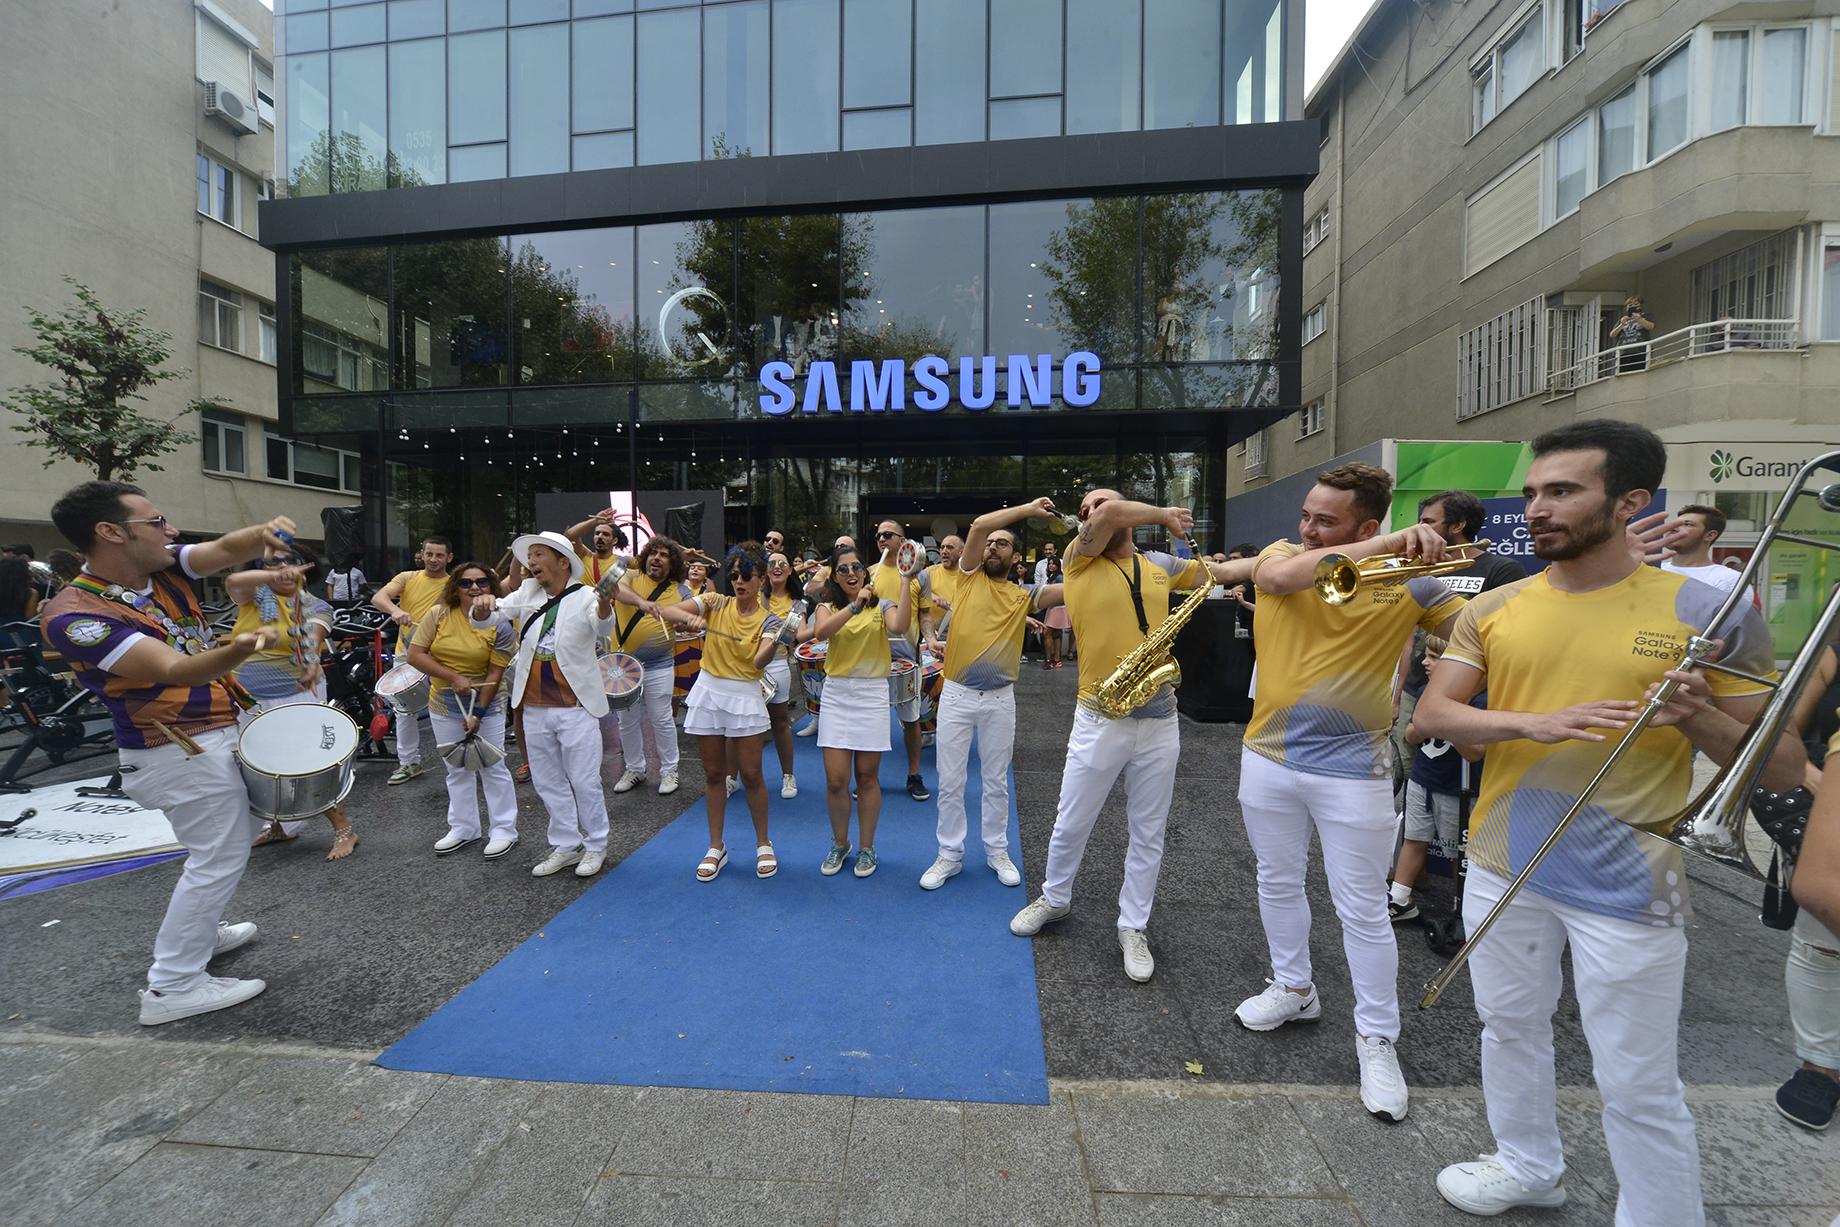 Samsung'un En Büyük Mağazası için Bağdat Caddesi'nde Karnaval Gibi Açılış